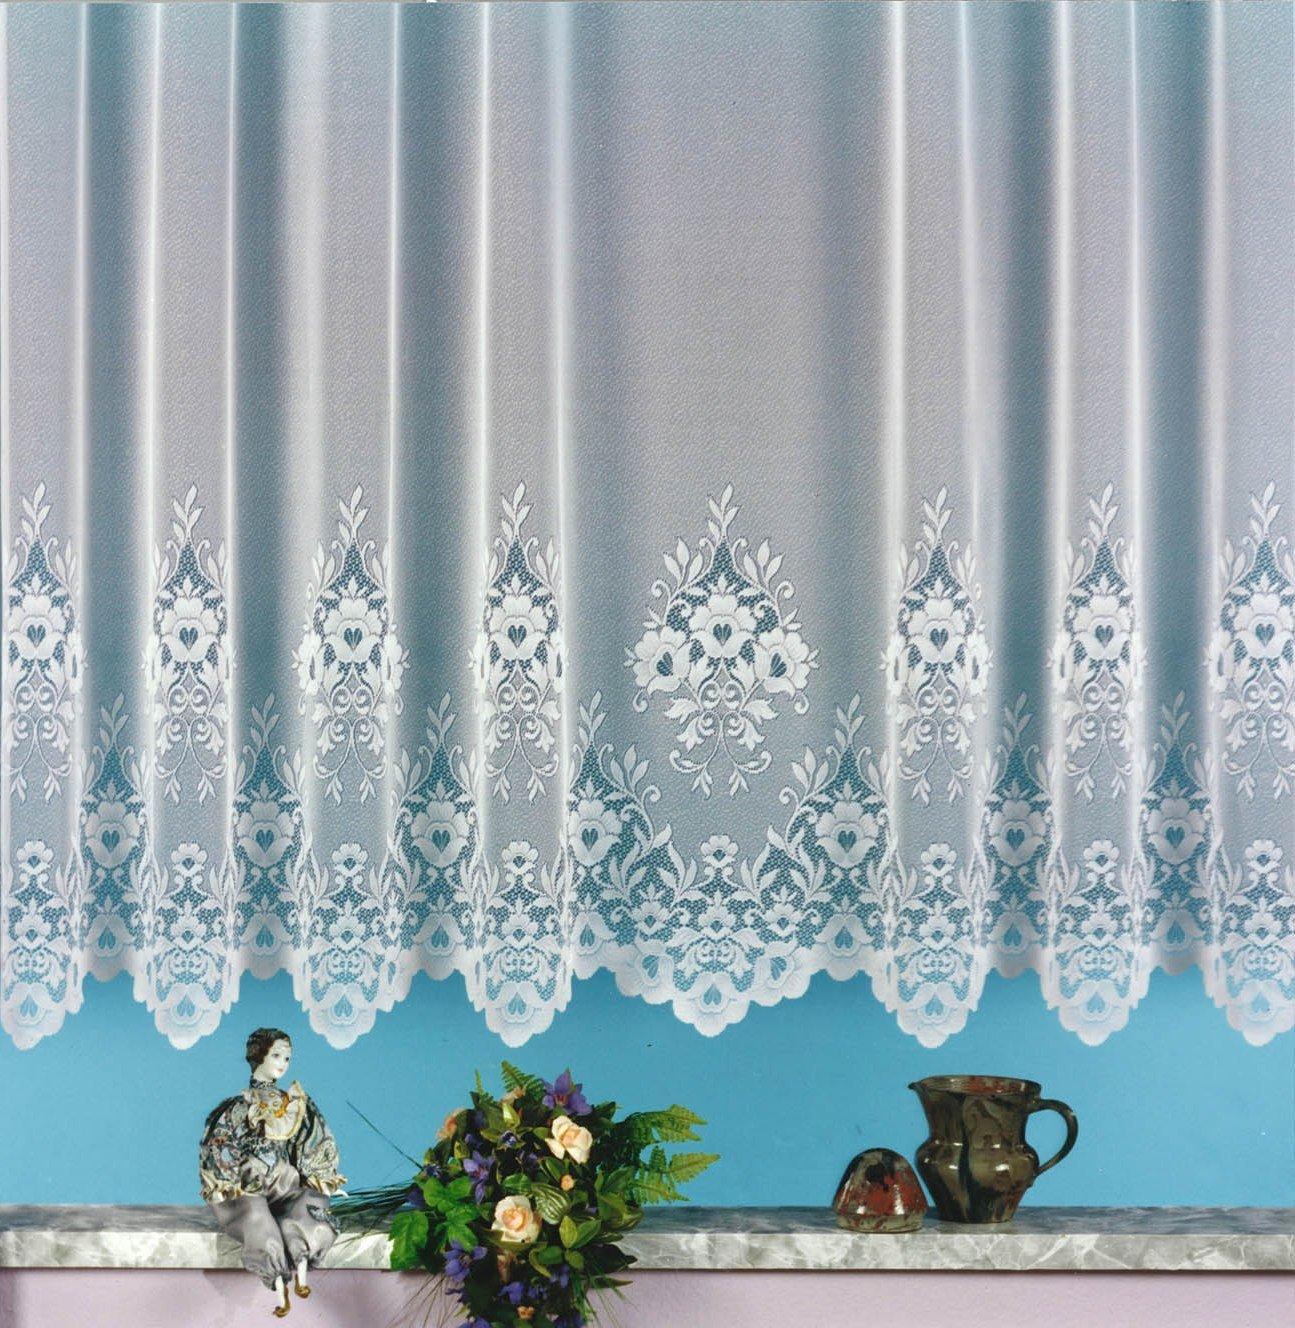 vorhnge 300 cm lang gardine jacquard wei x cm kruselband faltenband vorhang with vorhnge 300 cm. Black Bedroom Furniture Sets. Home Design Ideas